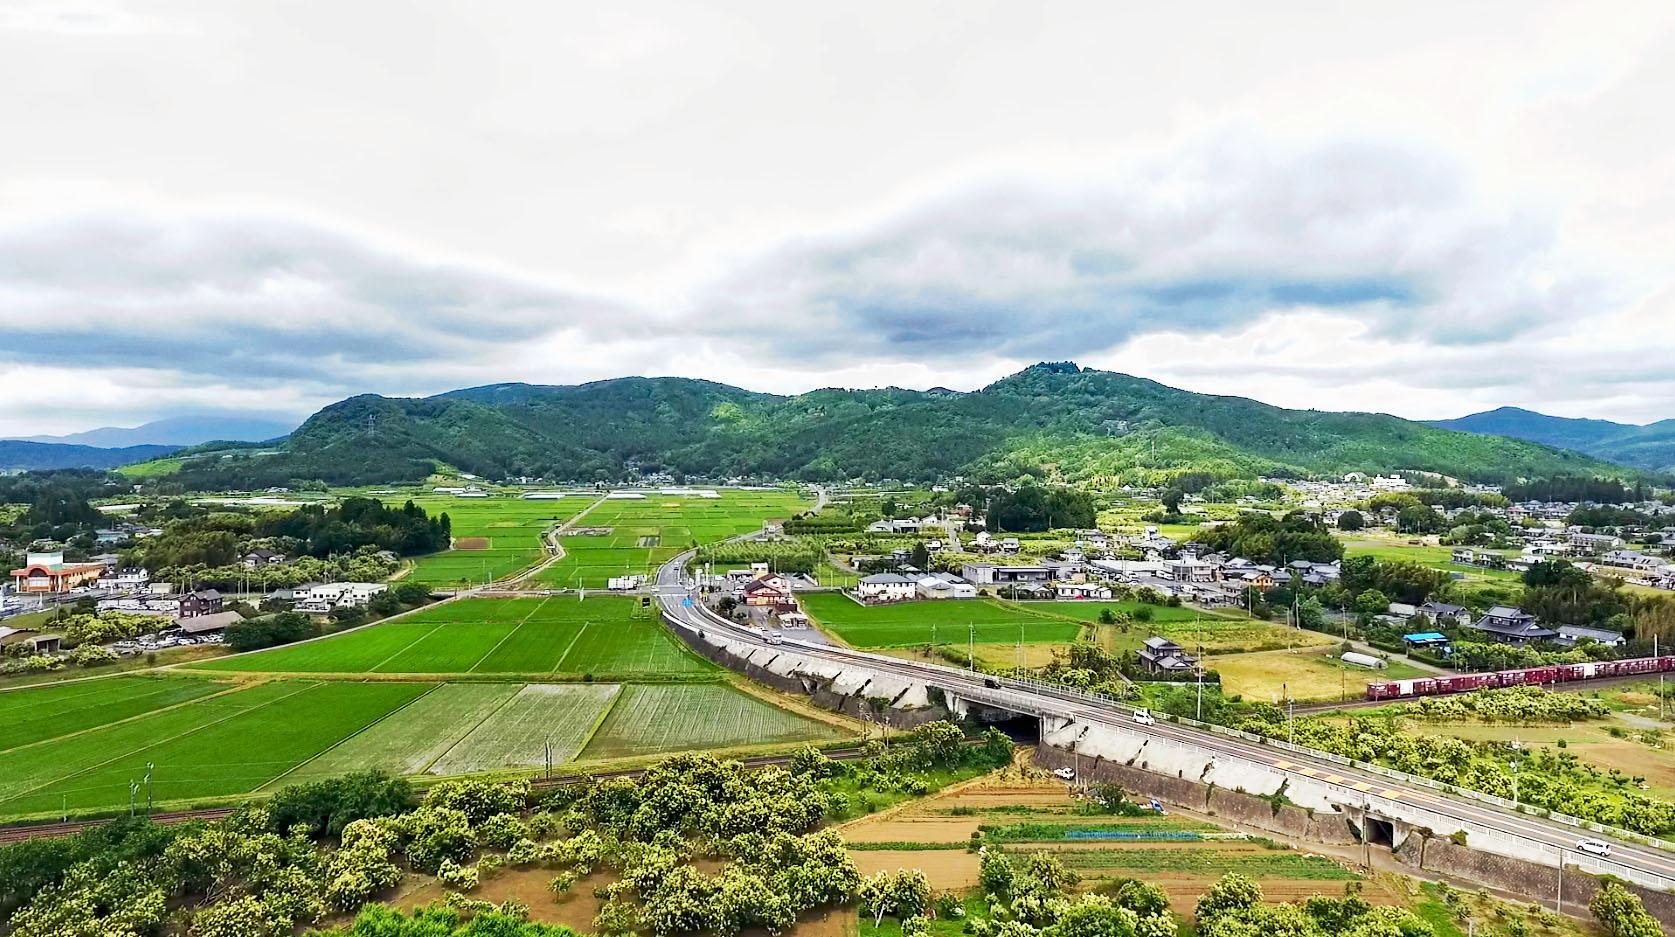 6月11日 栗の花 8分咲 岩間地方の景色